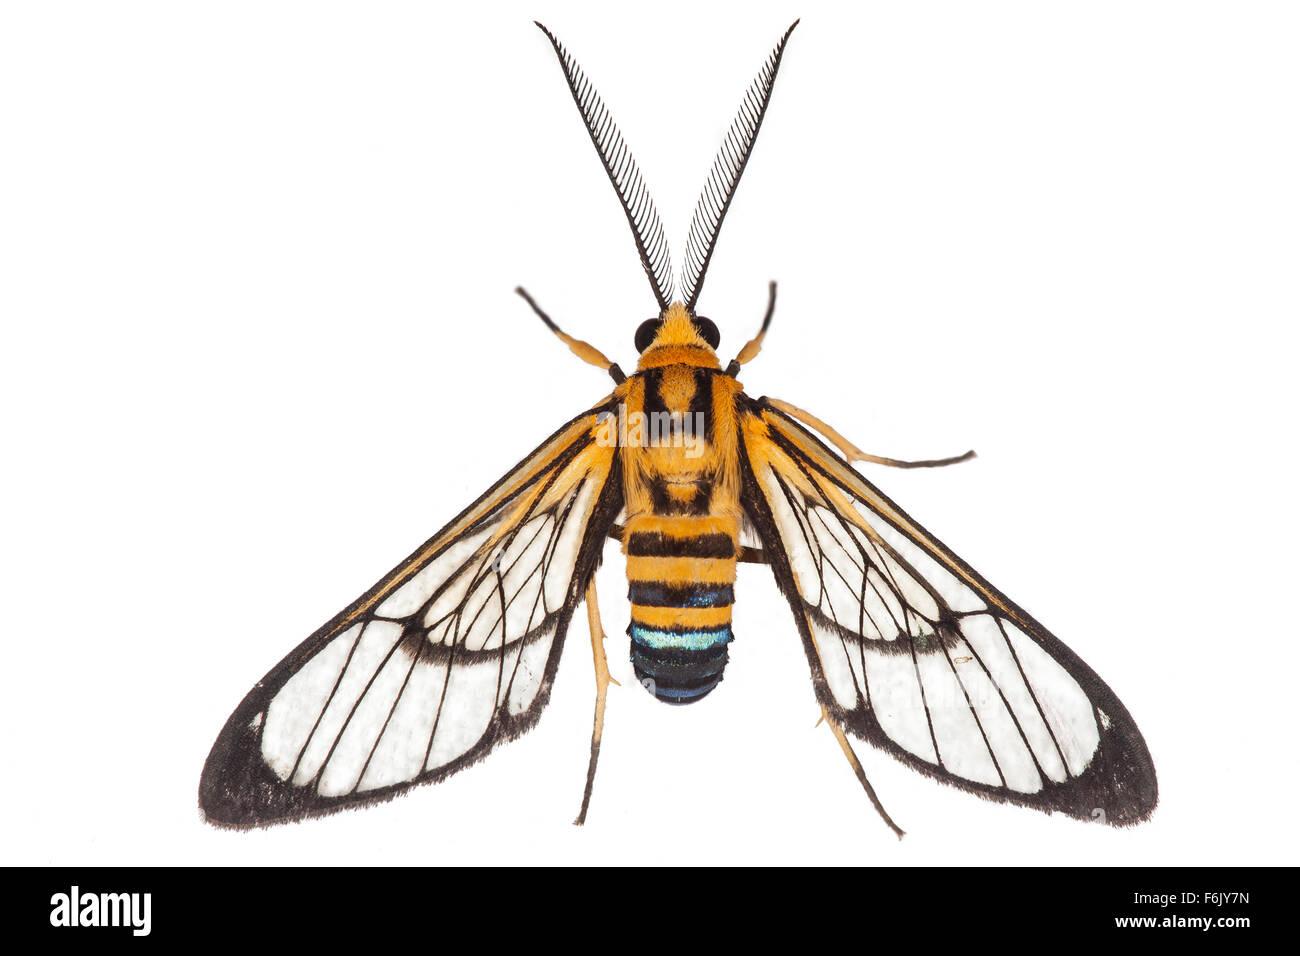 Diese Motte ist eine Wespe nachahmen - ein klassisches Beispiel für Batesian Mimikry. Auf weißem Hintergrund Stockbild